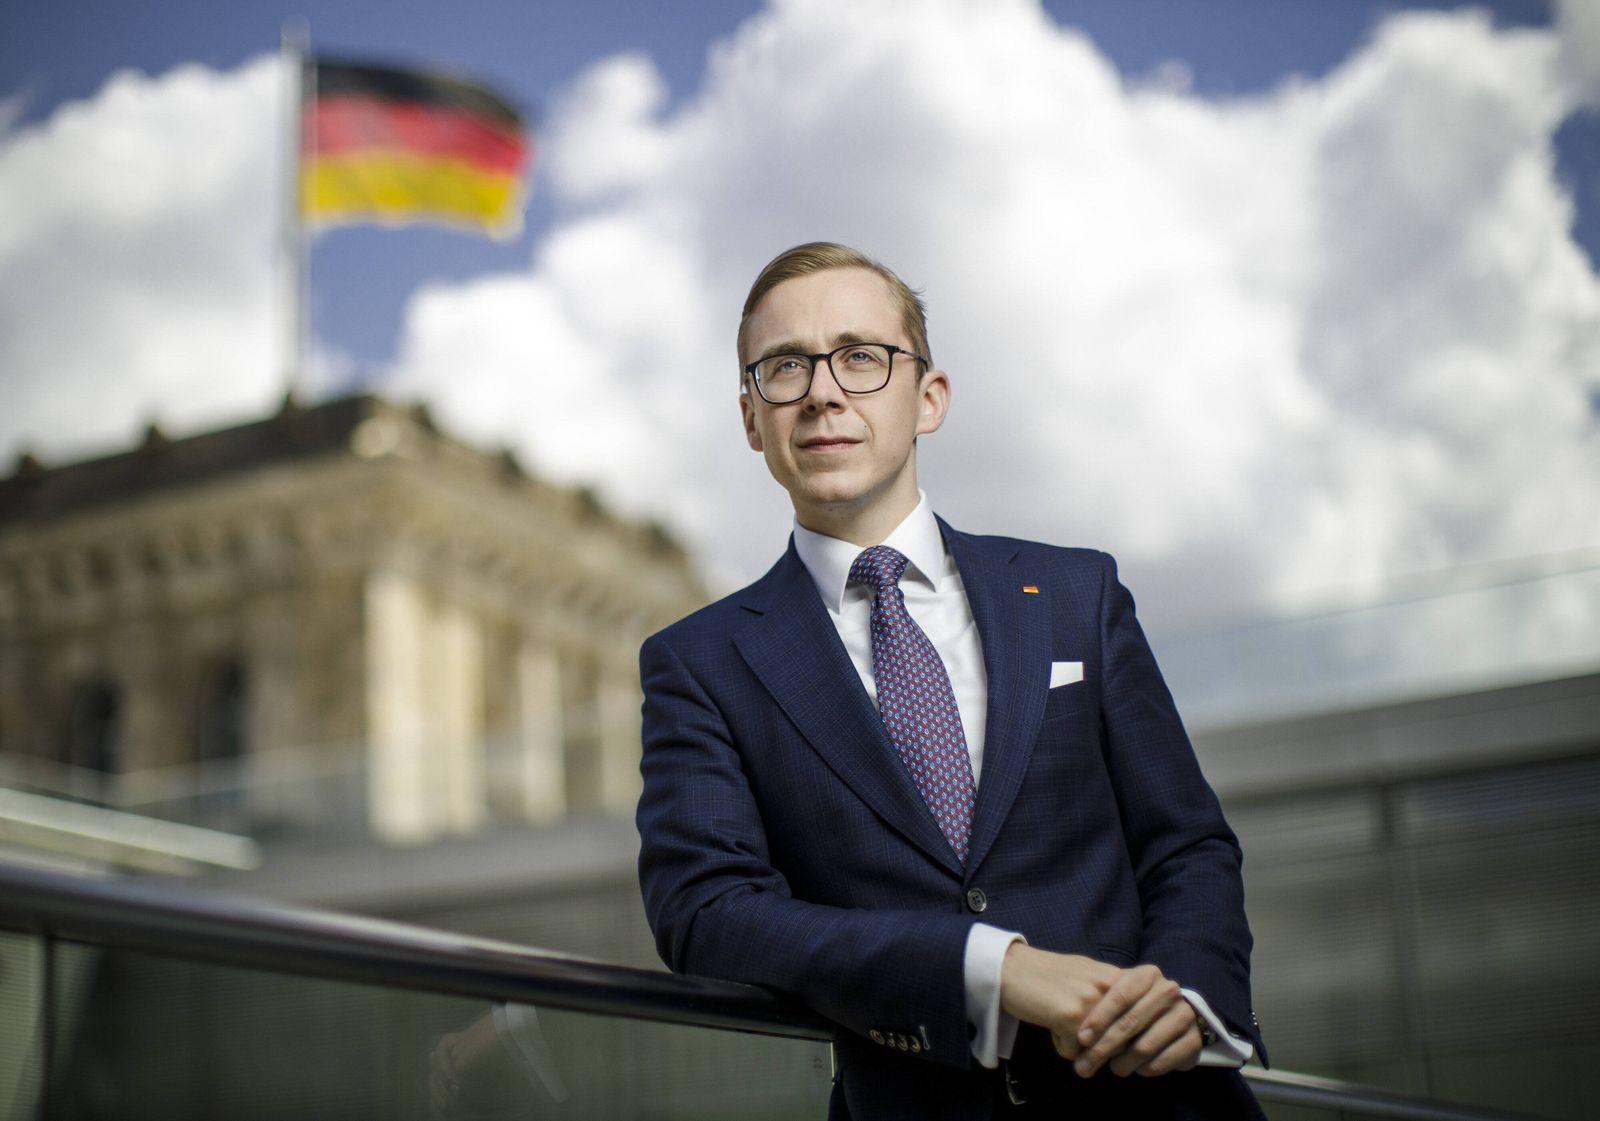 Philipp Amthor, Mitglied des Deutschen Bundestages, CDU, posiert fuer ein Foto. Berlin, 28.05.2020. Berlin Deutschland